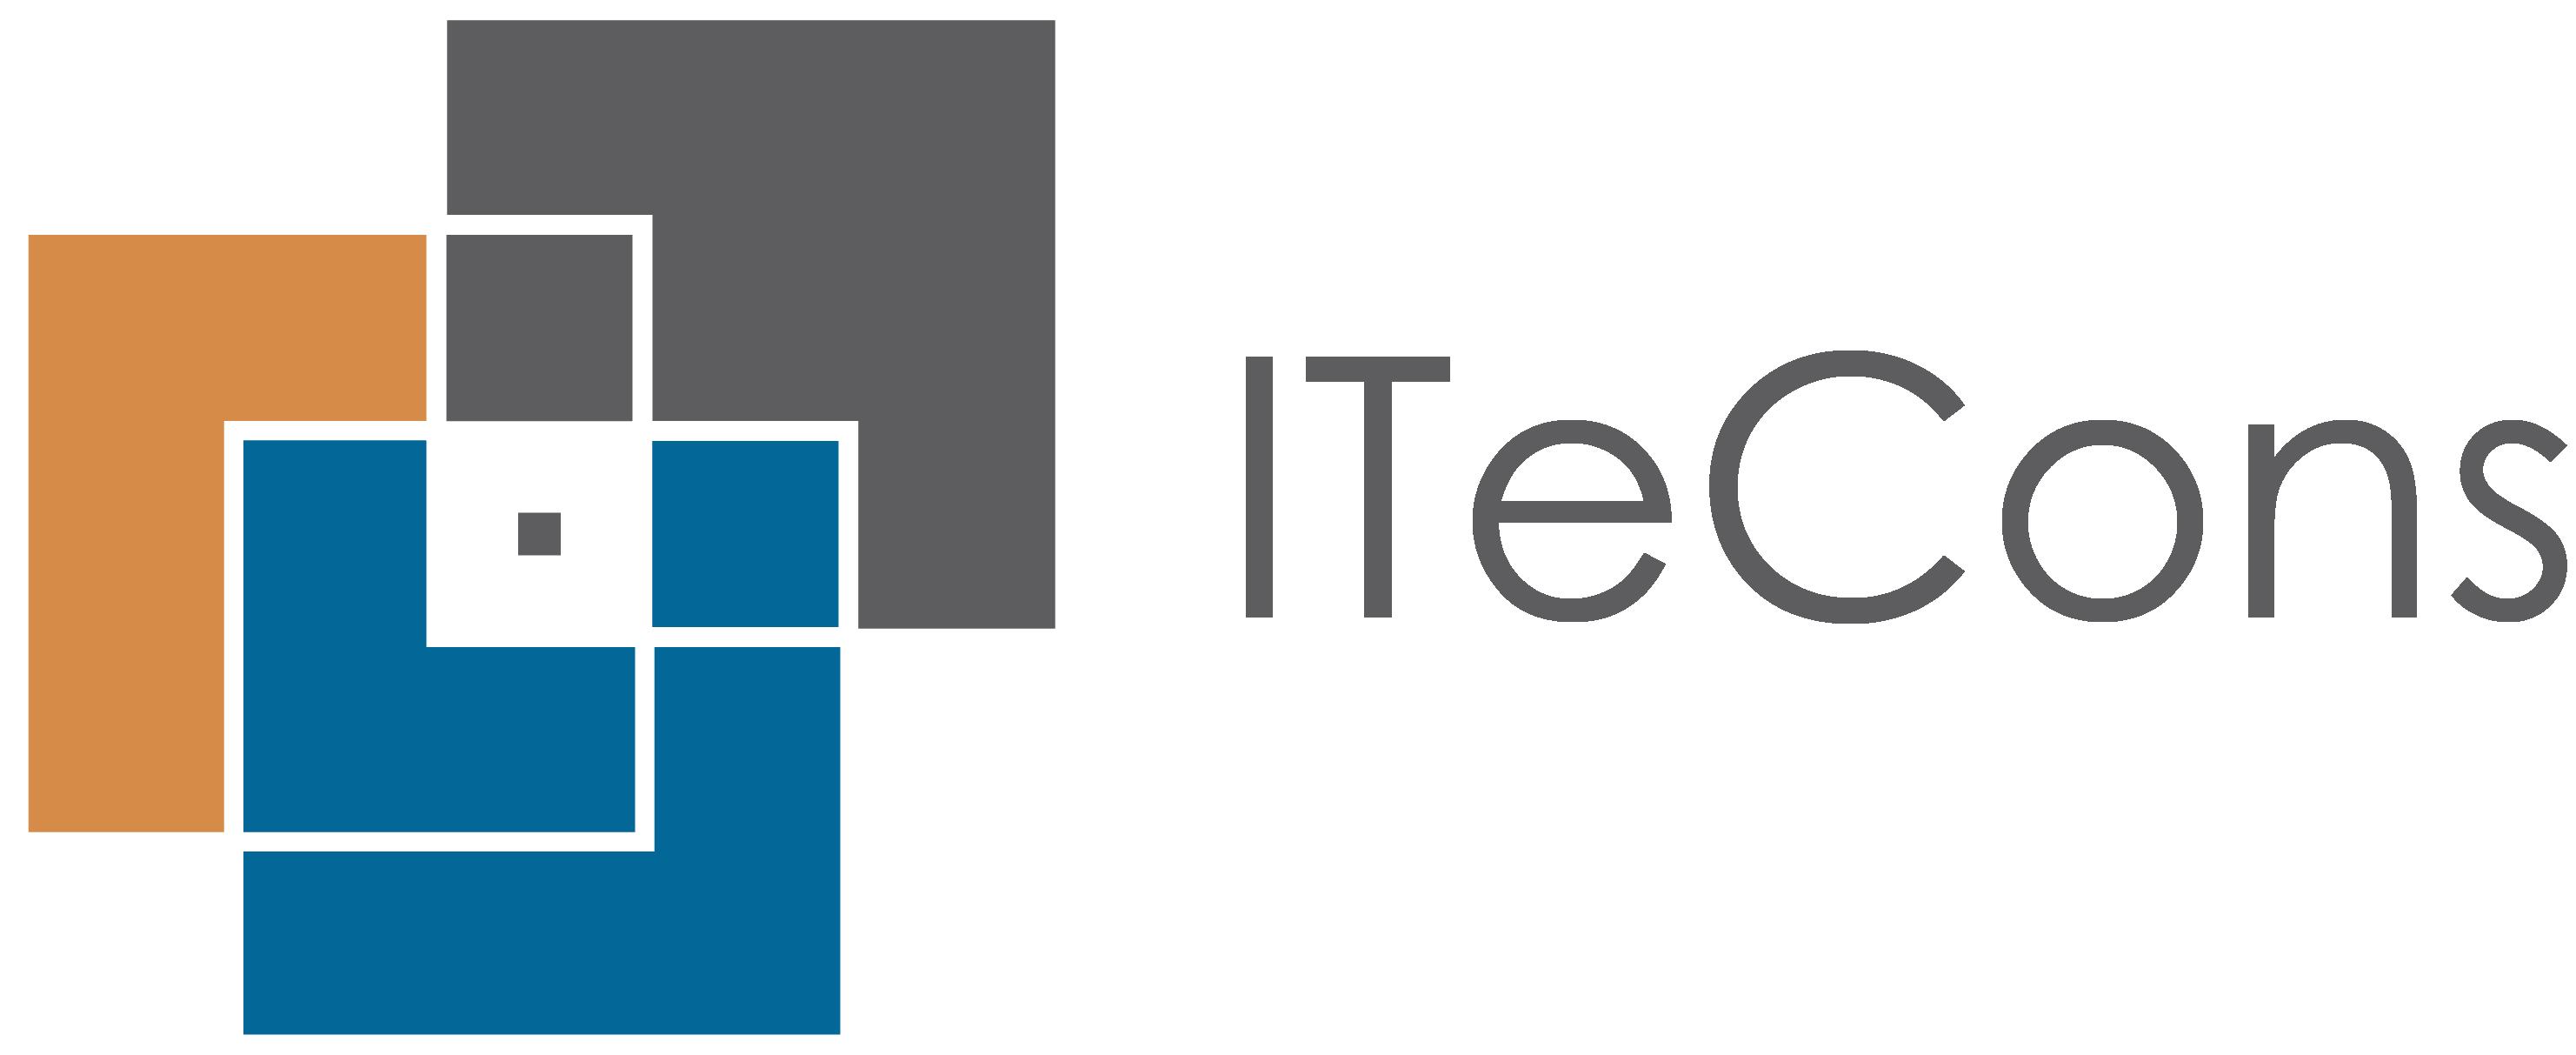 itecons associado da associacao plataforma para a construcao sustentavel